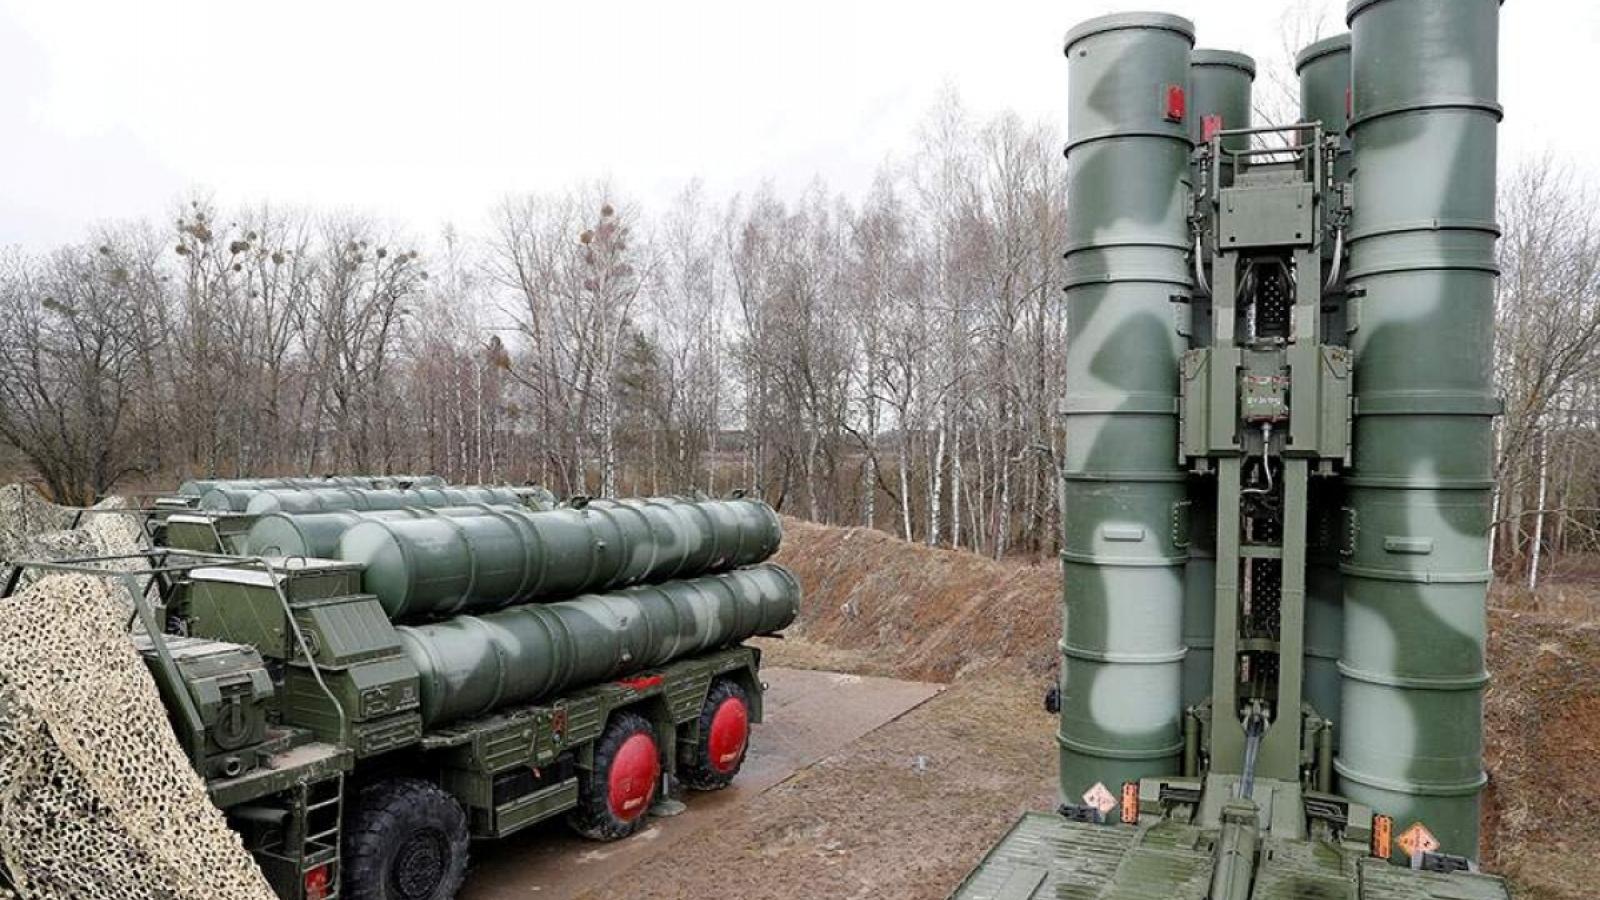 Thổ Nhĩ Kỳ xác nhận mua hệ thống phòng không S-400 thứ 2 của Nga